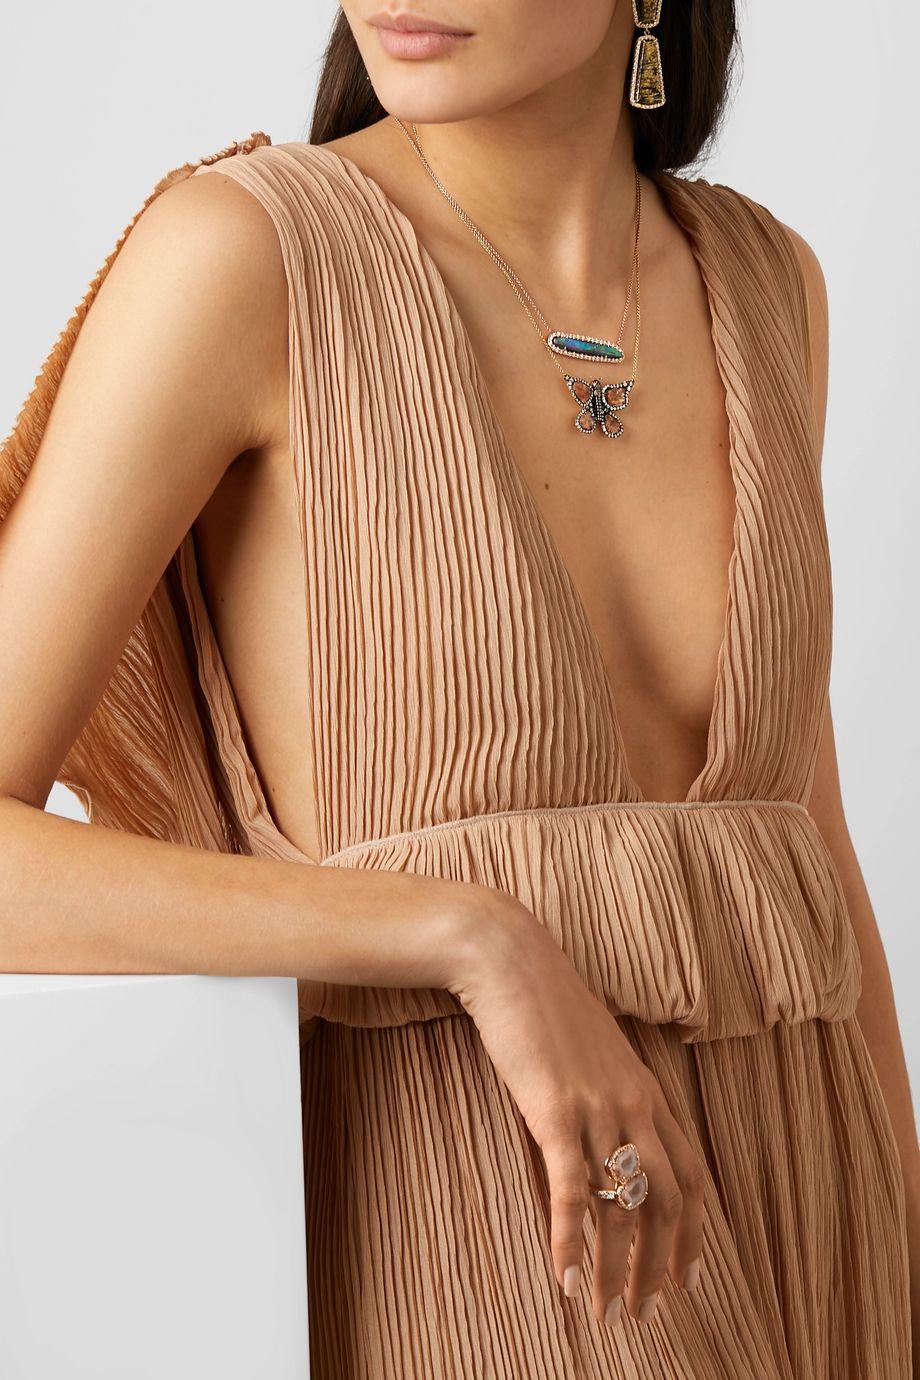 Kimberly McDonald + NET SUSTAIN 18-karat gold diamond necklace